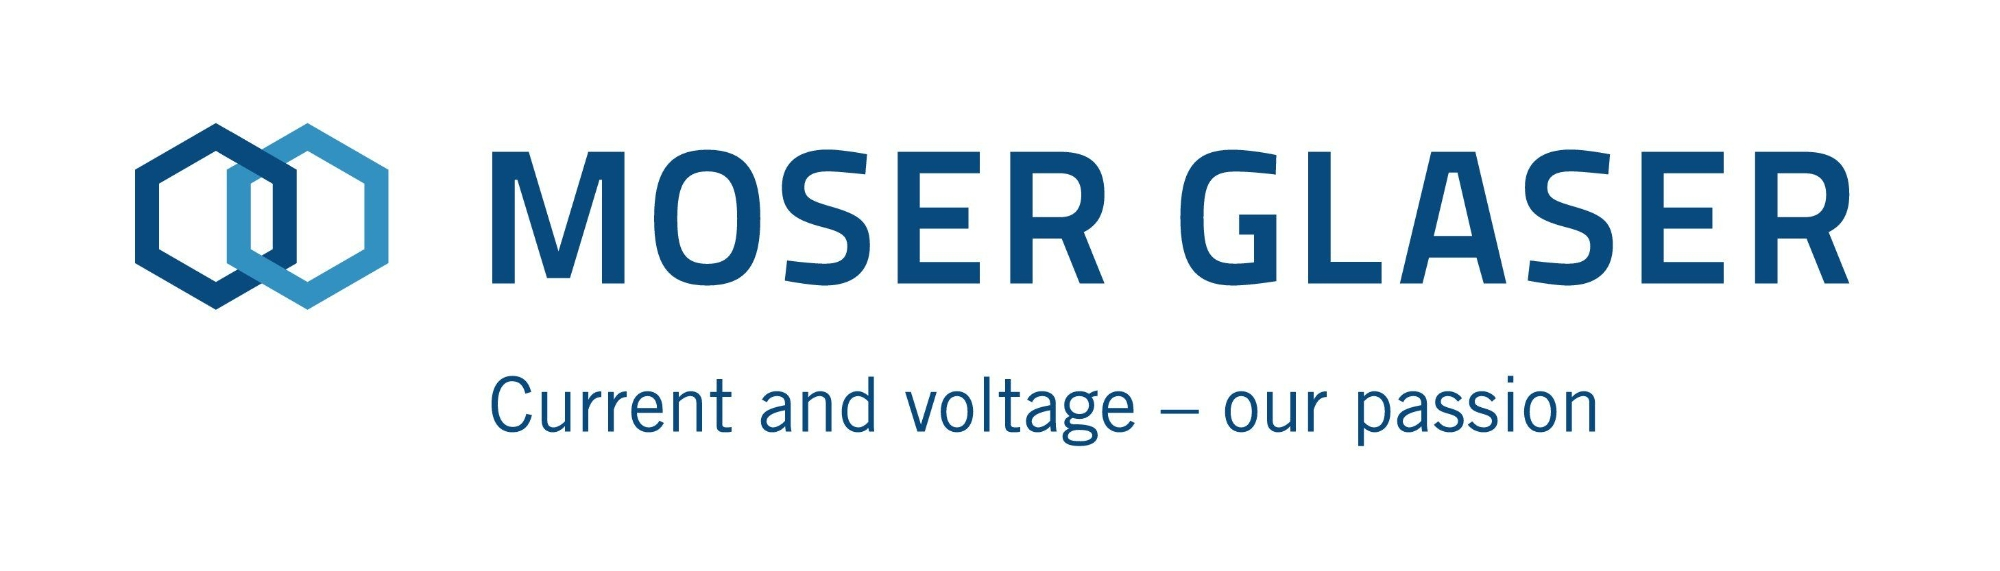 Moser Glaser